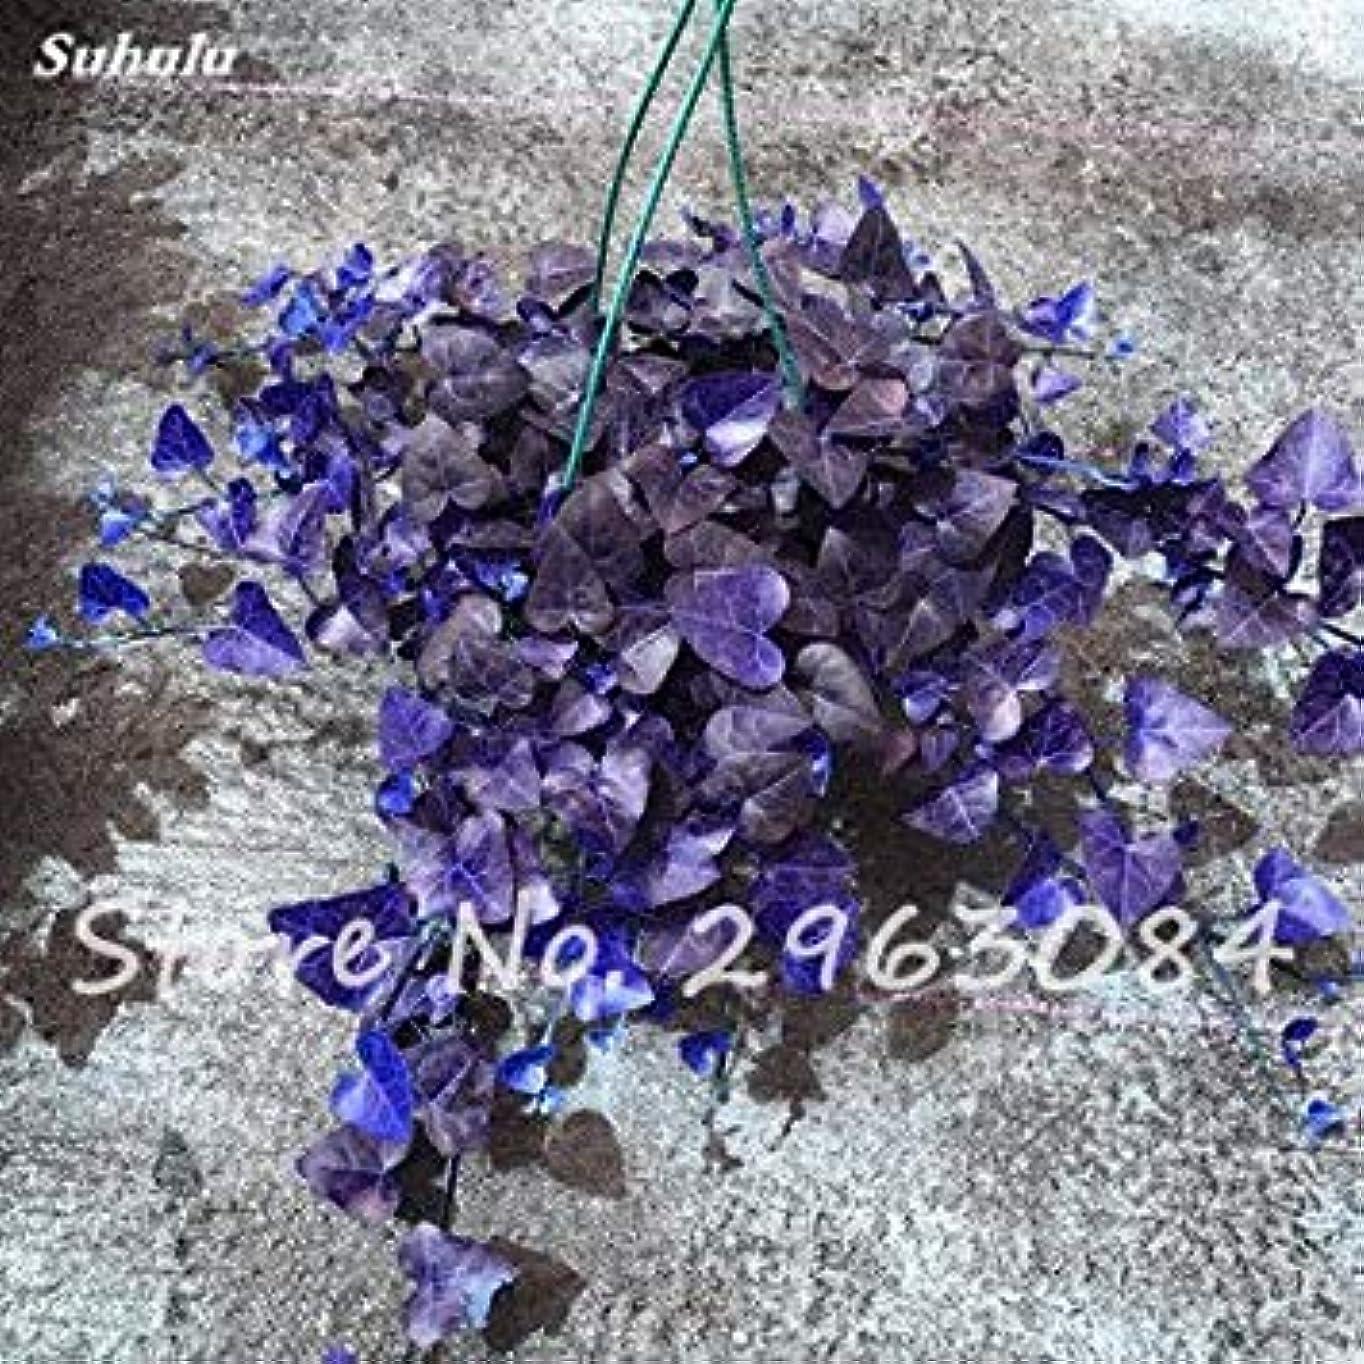 のヒープたらい寄稿者ASTONISH SEEDS:4 : Multi Color Seed Leaf Plant s Seedling Seed Interesting Bonsai Flowerpot Home Garden Decor 100 P 4